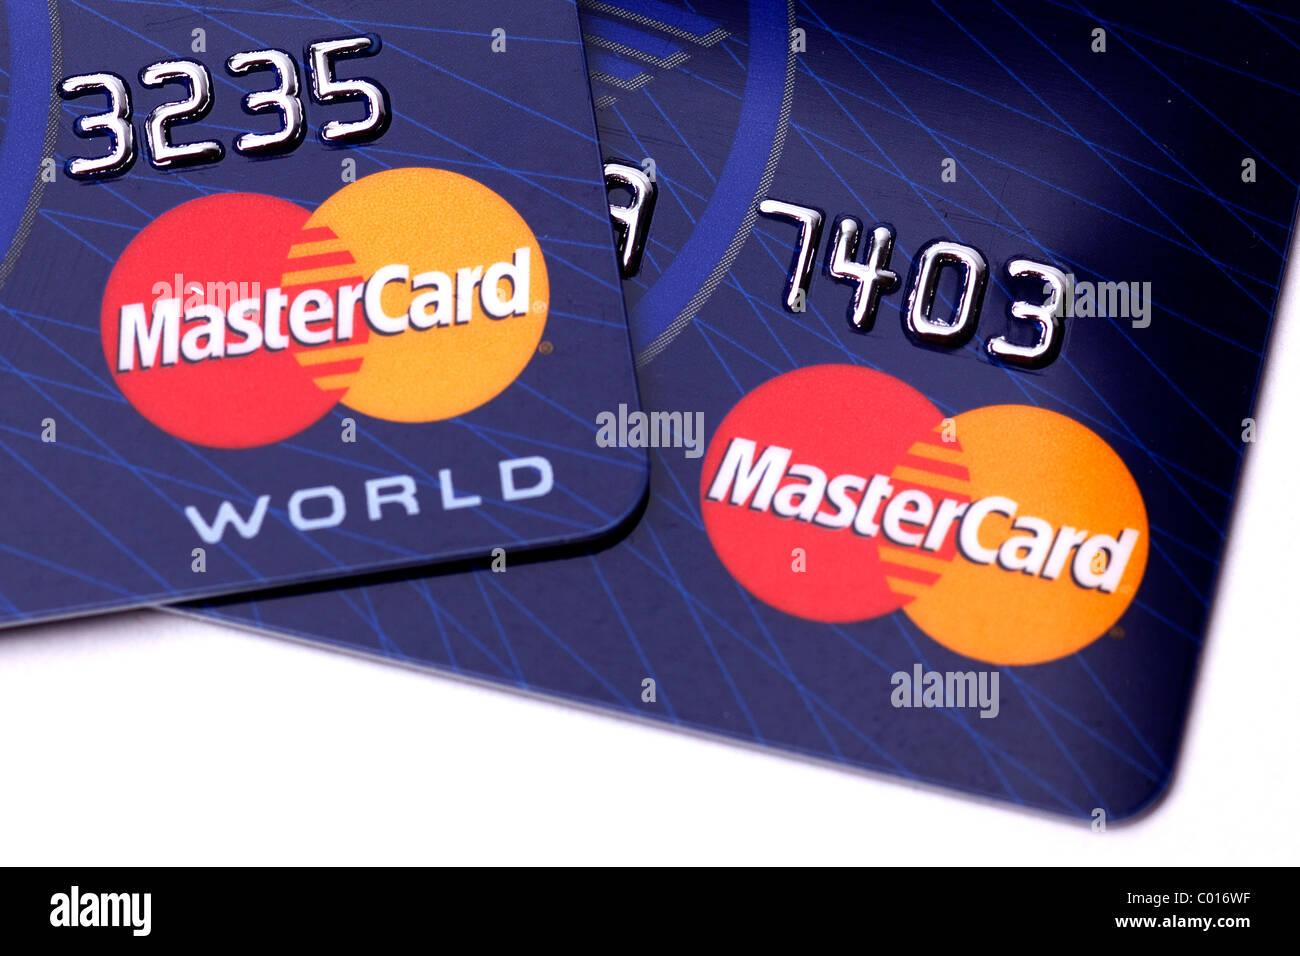 Les cartes de crédit, Mastercard Photo Stock